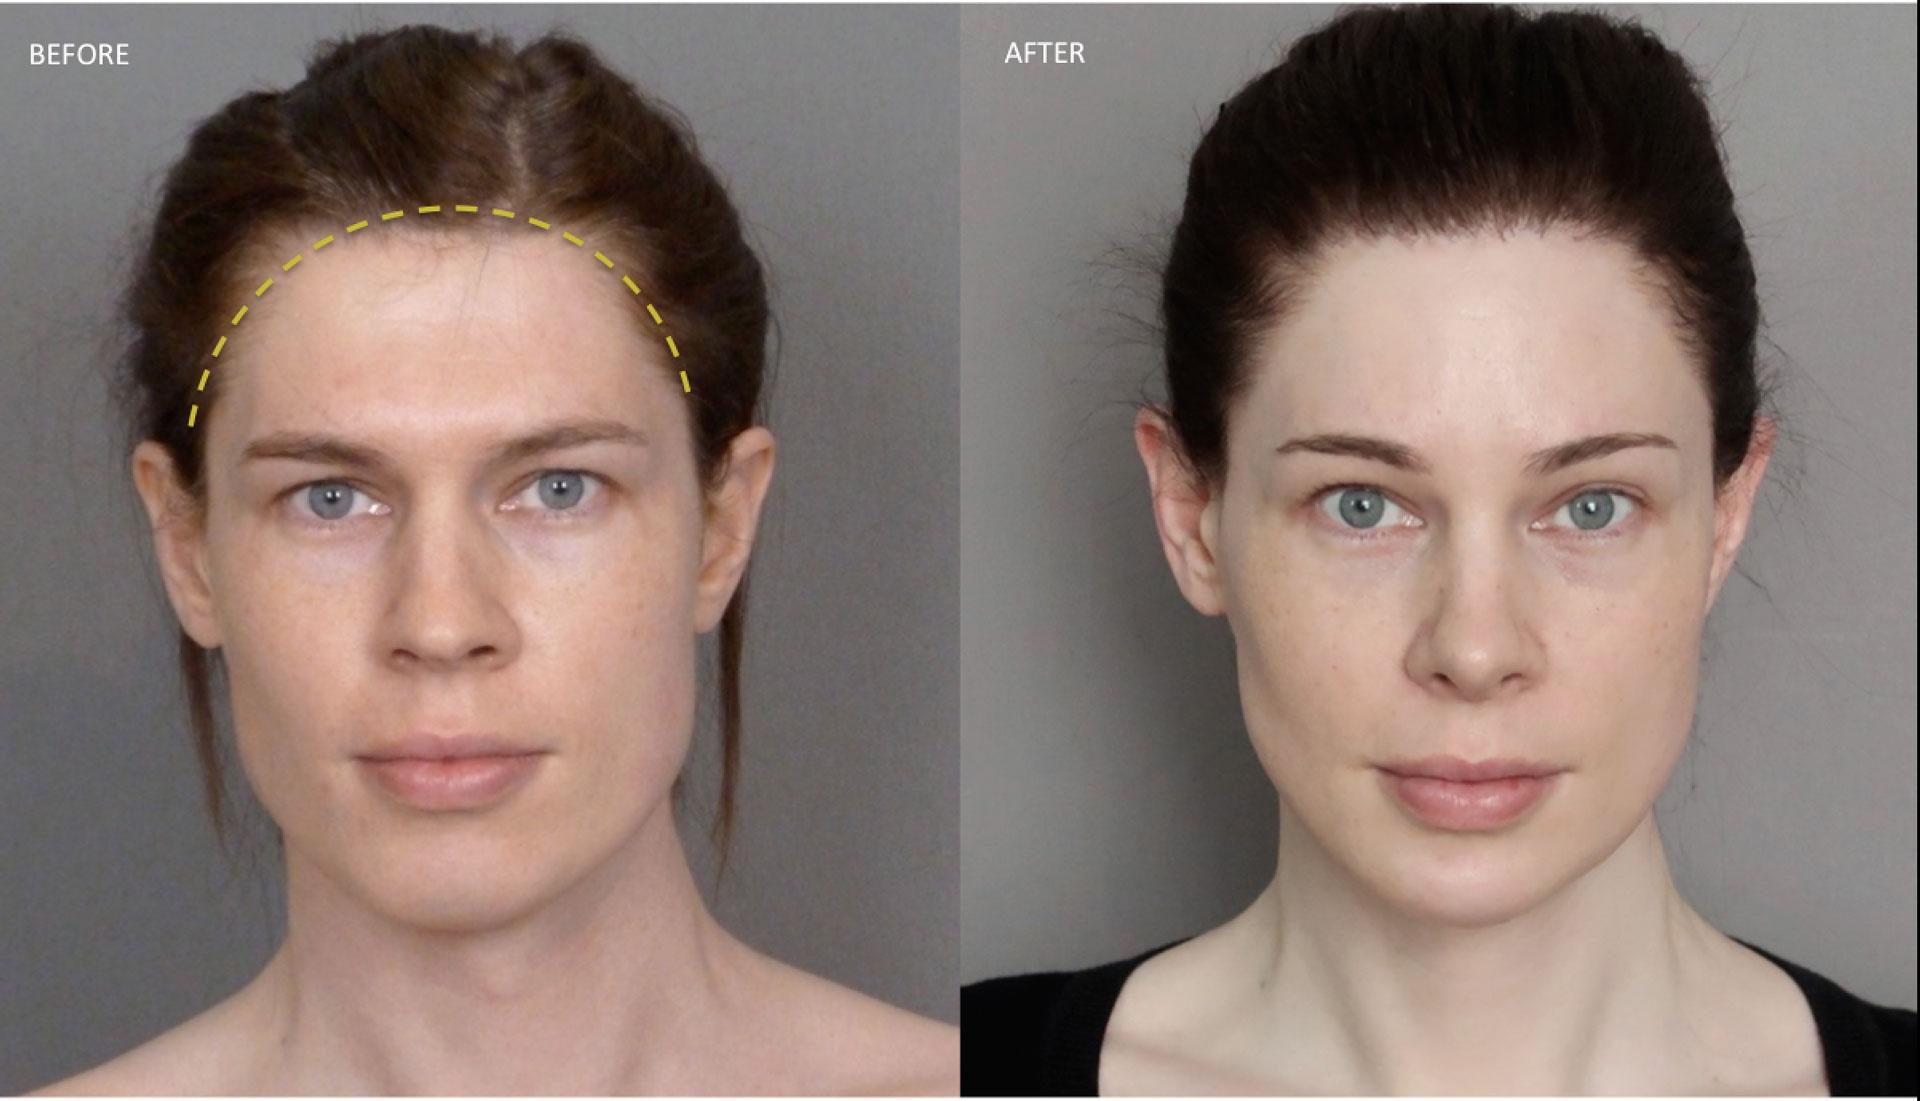 коррекция линии роста волос операция